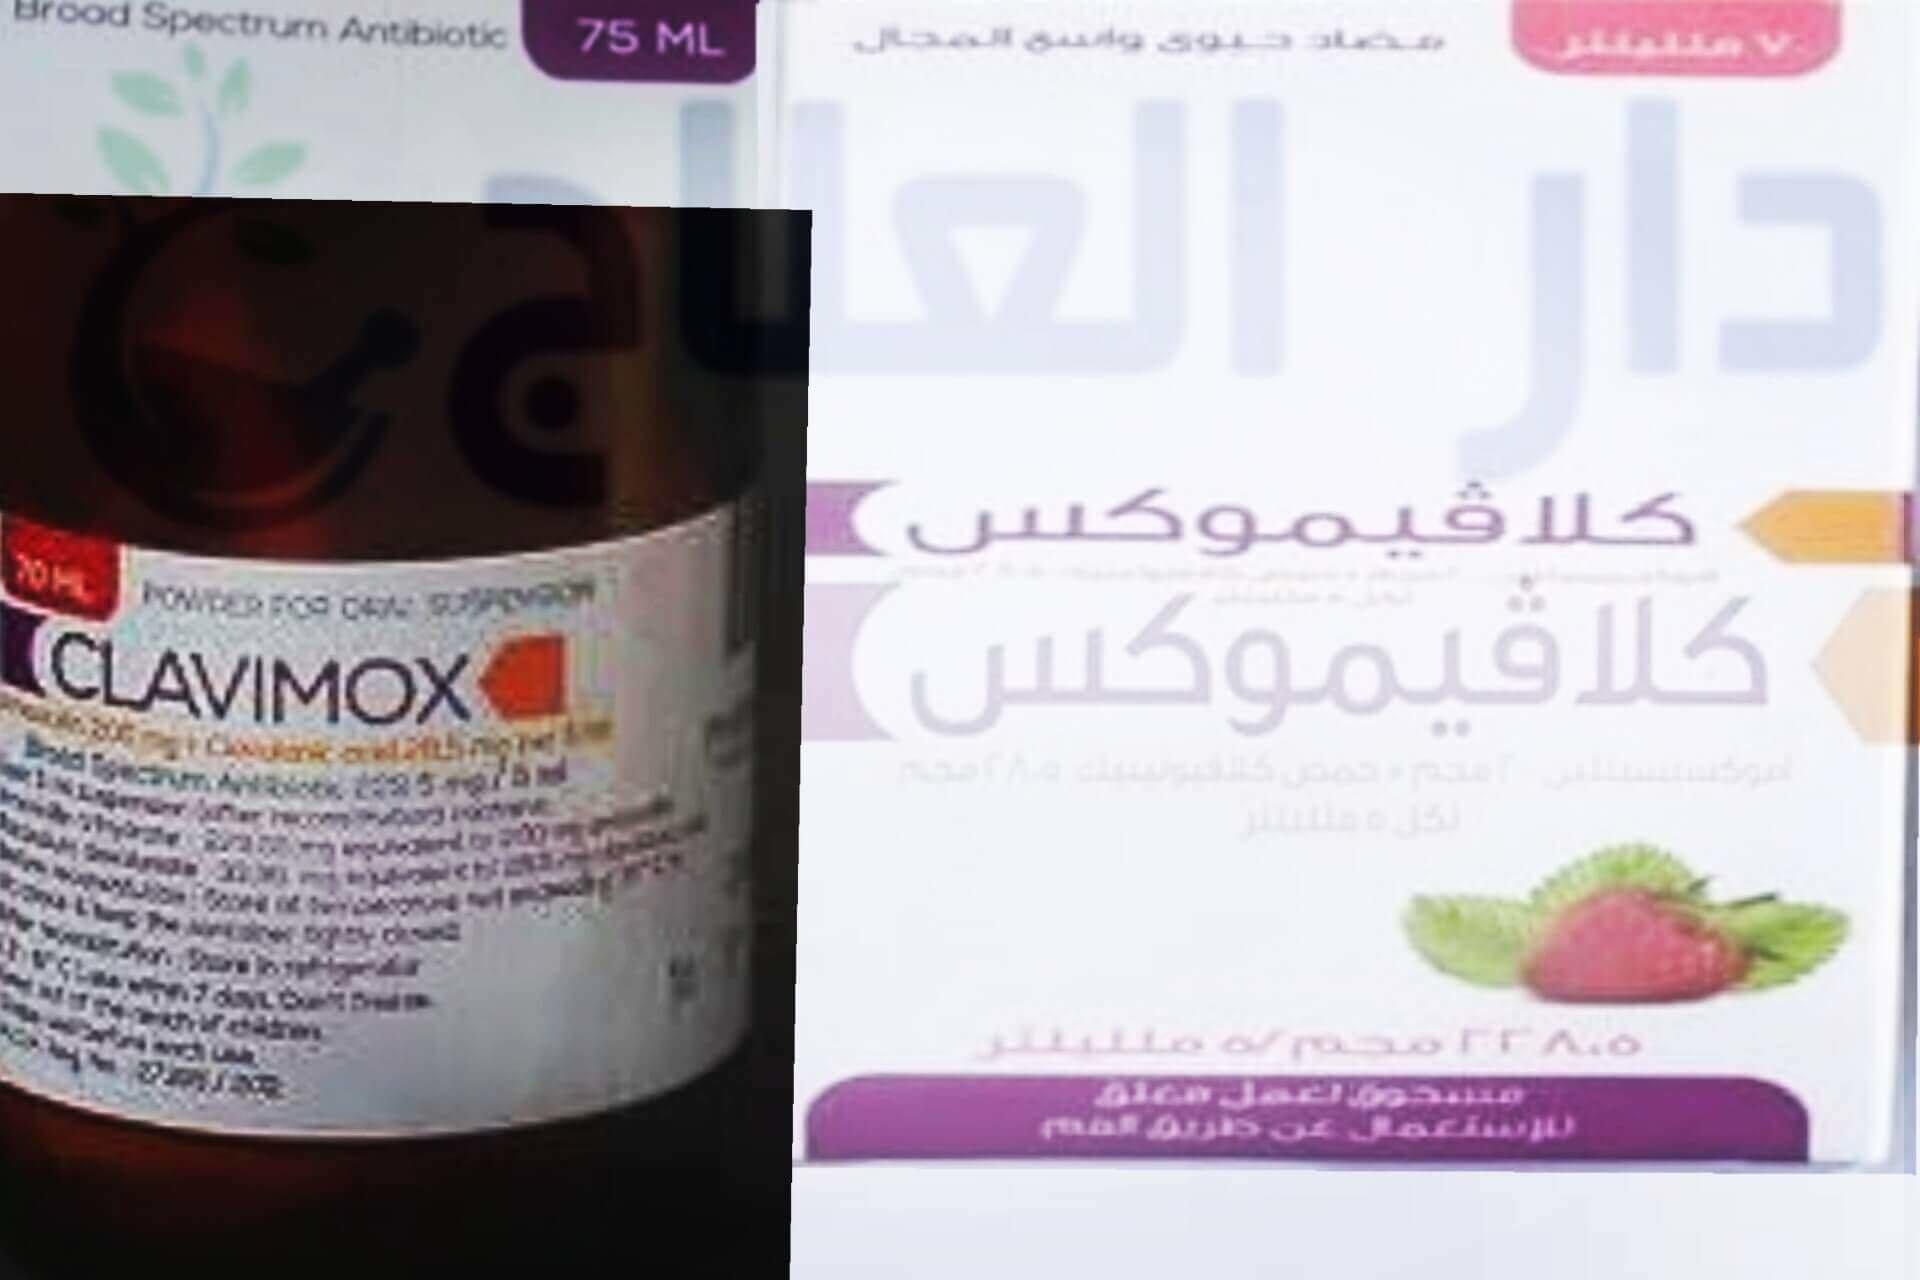 كلافيموكس - كلافيموكس شراب - دواء كلافيموكس - clavimox